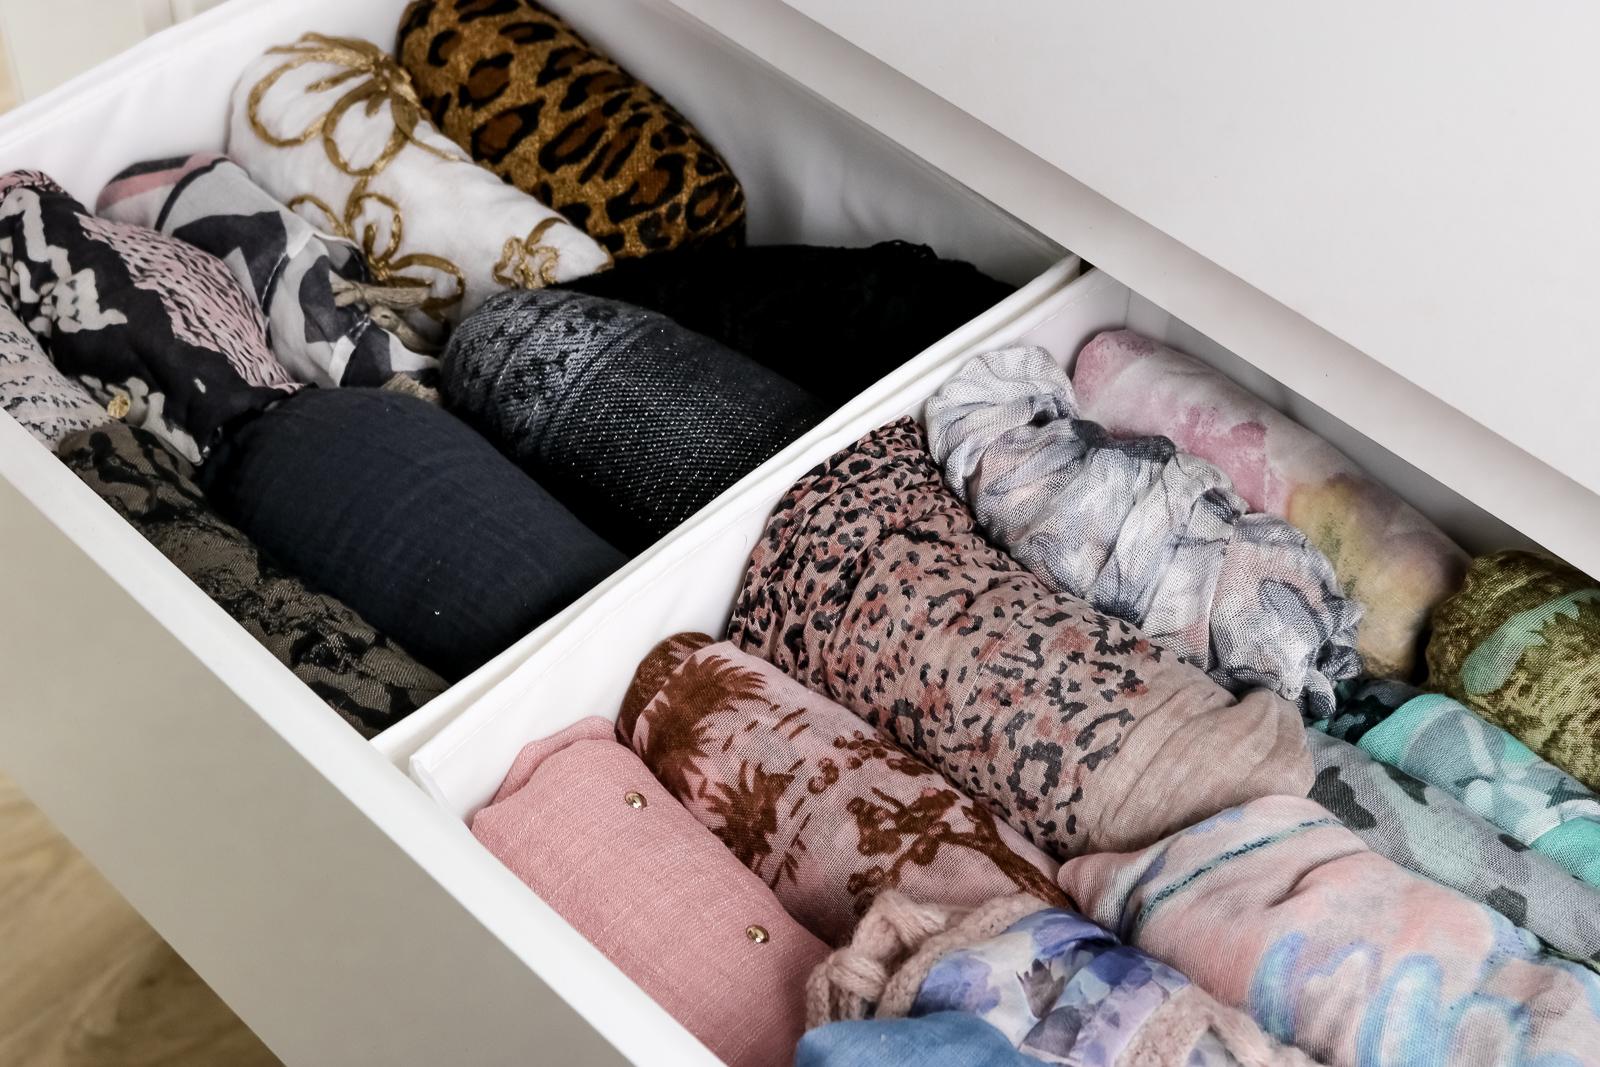 8 Tipps für mehr Ordnung im Kleiderschrank - Fashionladyloves